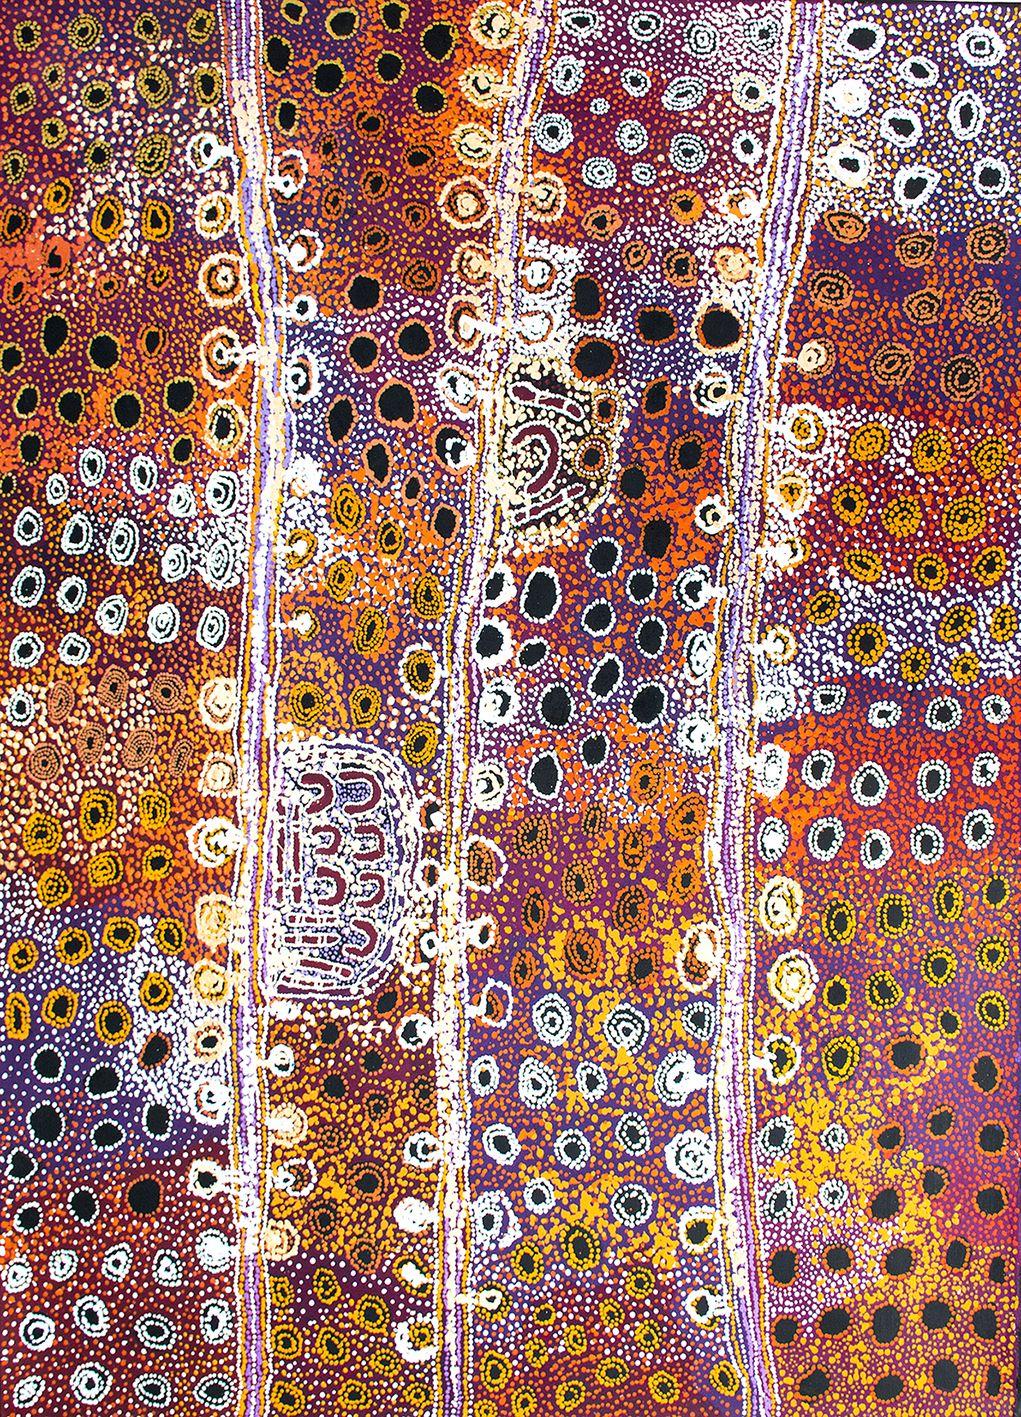 Artiste : Mona Mitakiki Shepherd. Titre : Seven Sisters Dreaming Time story 2017. Provenance : Tjala art center, APY lands, Australie. 152 x 122 cm © Aboriginal Signature • Estrangin gallery, avec l'autorisation de l'artiste et du Tjala Art Centre